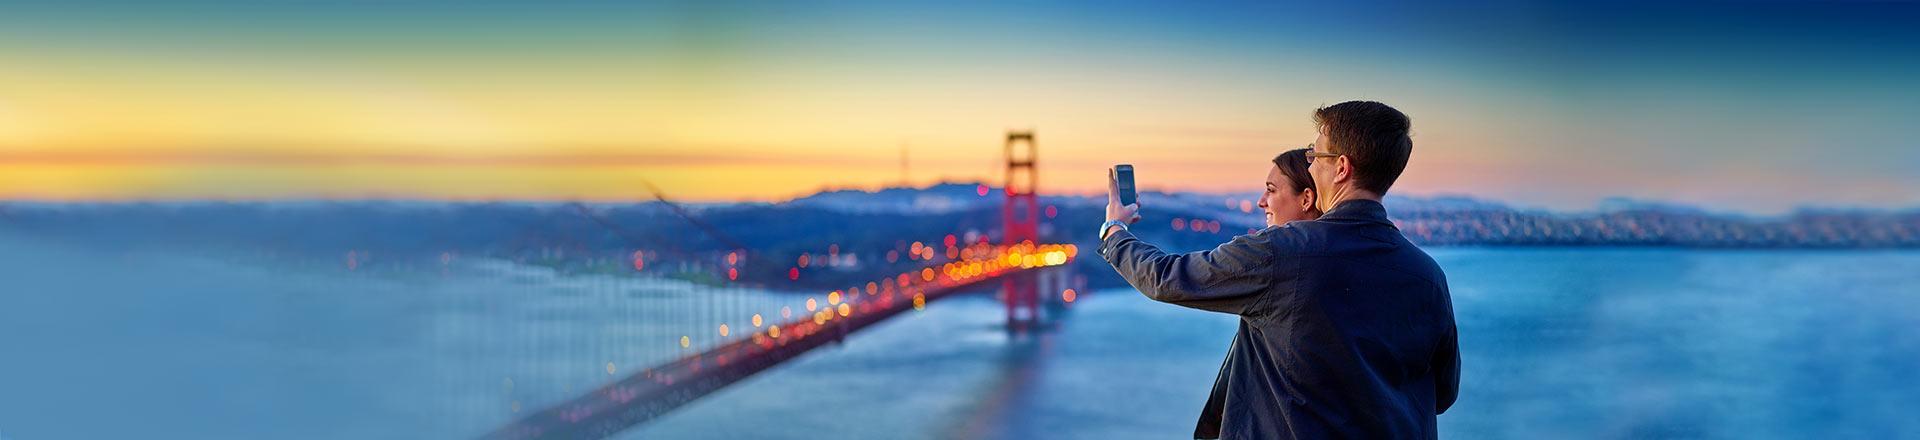 Pärchen macht Handy-Bilder